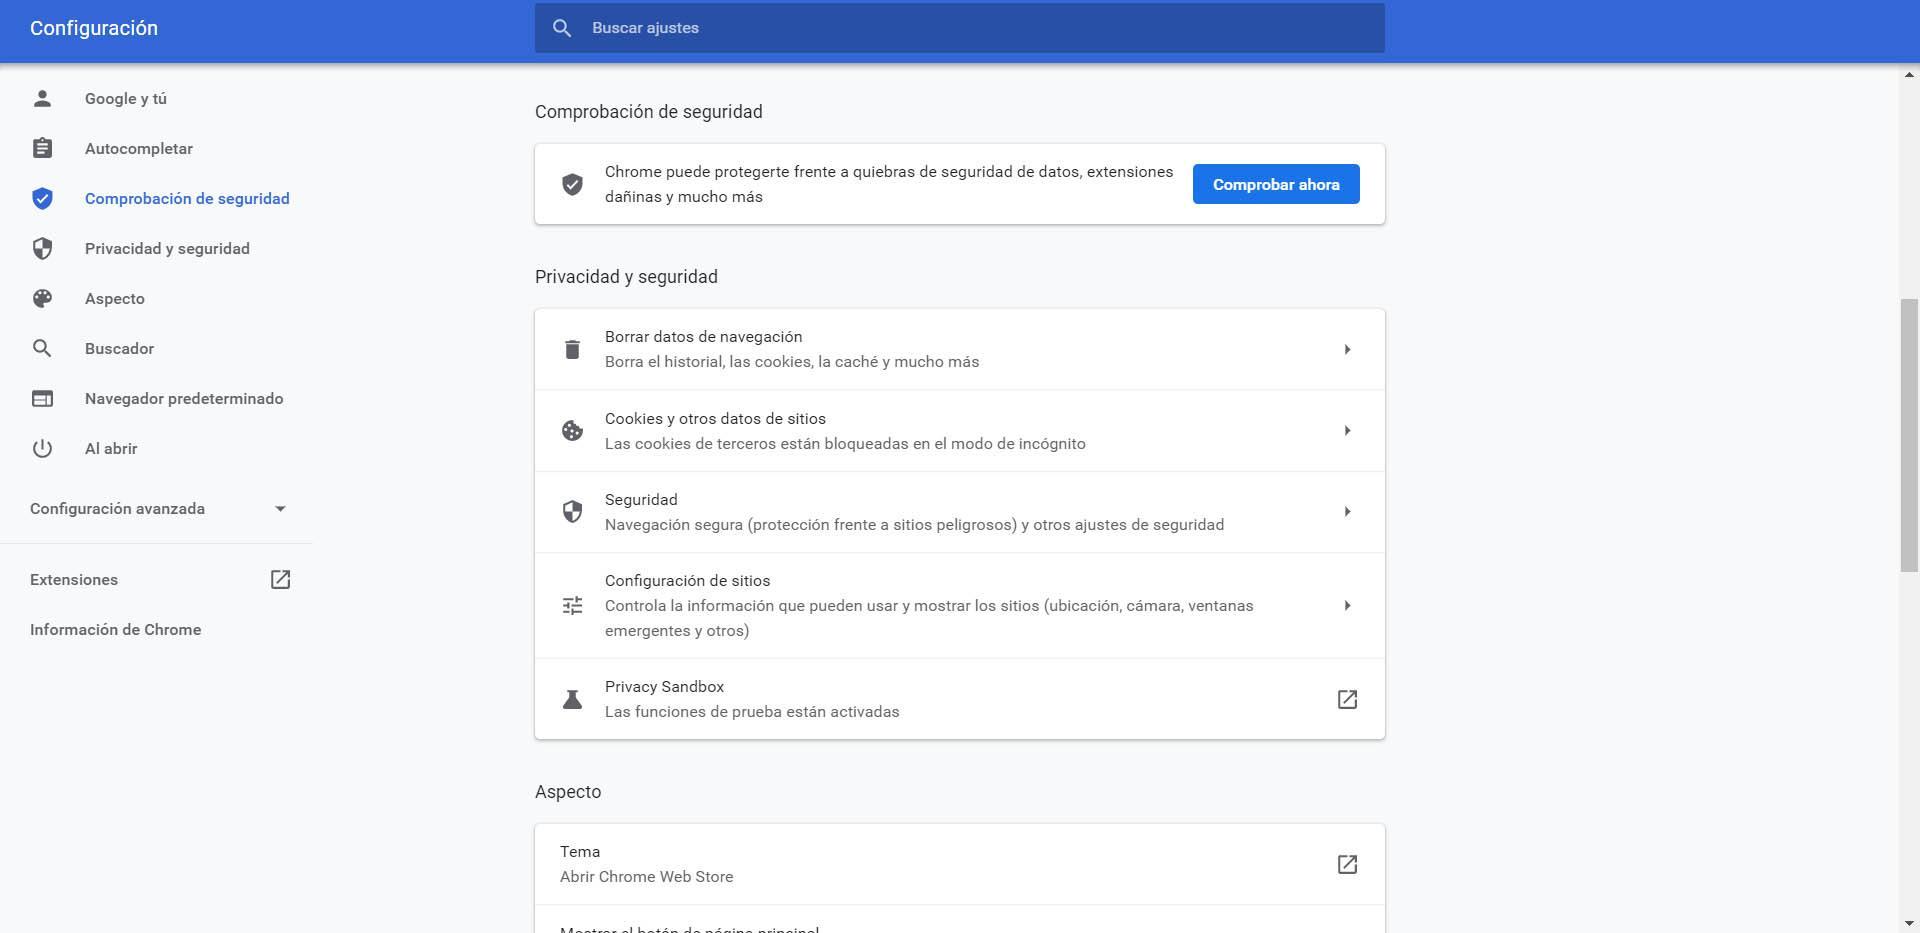 Comprobador de seguridad de Chrome